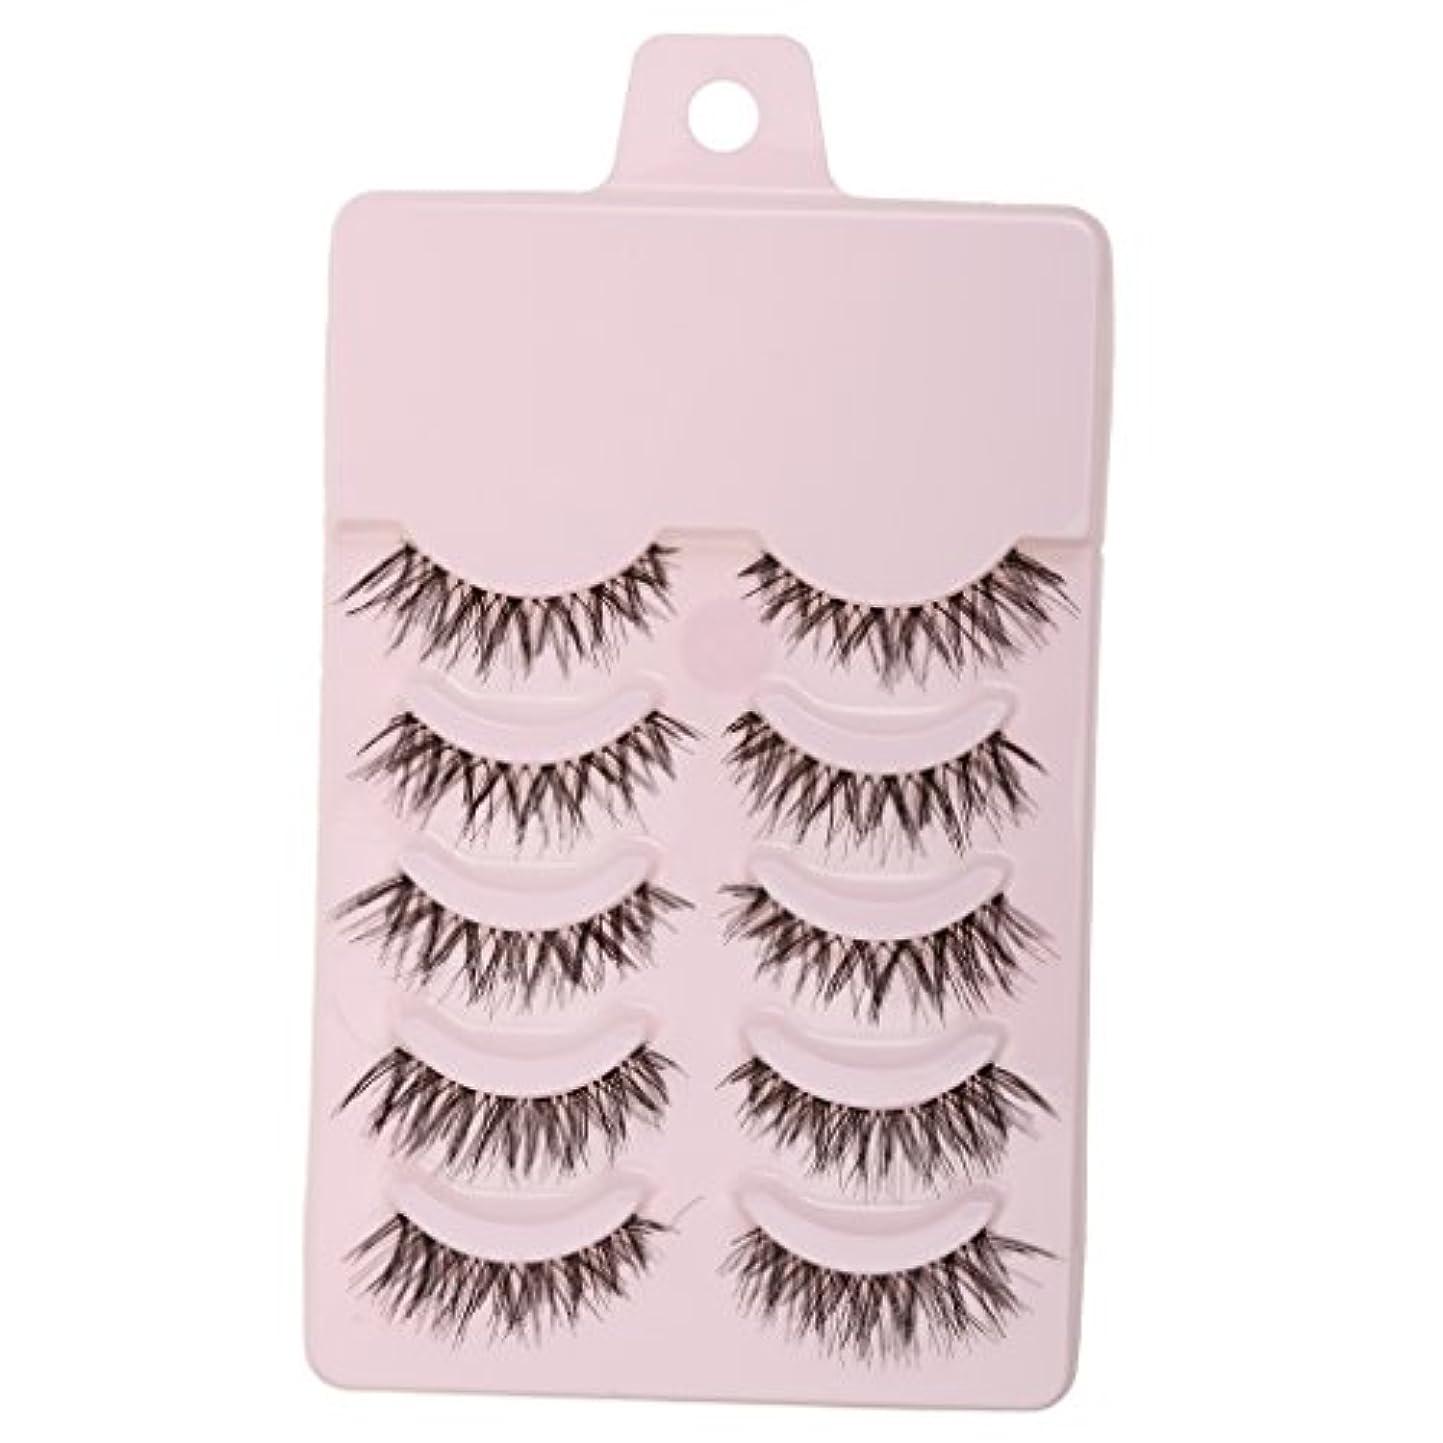 KOZEEY美容 メイク 手作り メッシー クロス スタイル つけまつげ 5色選ぶ - ピンク